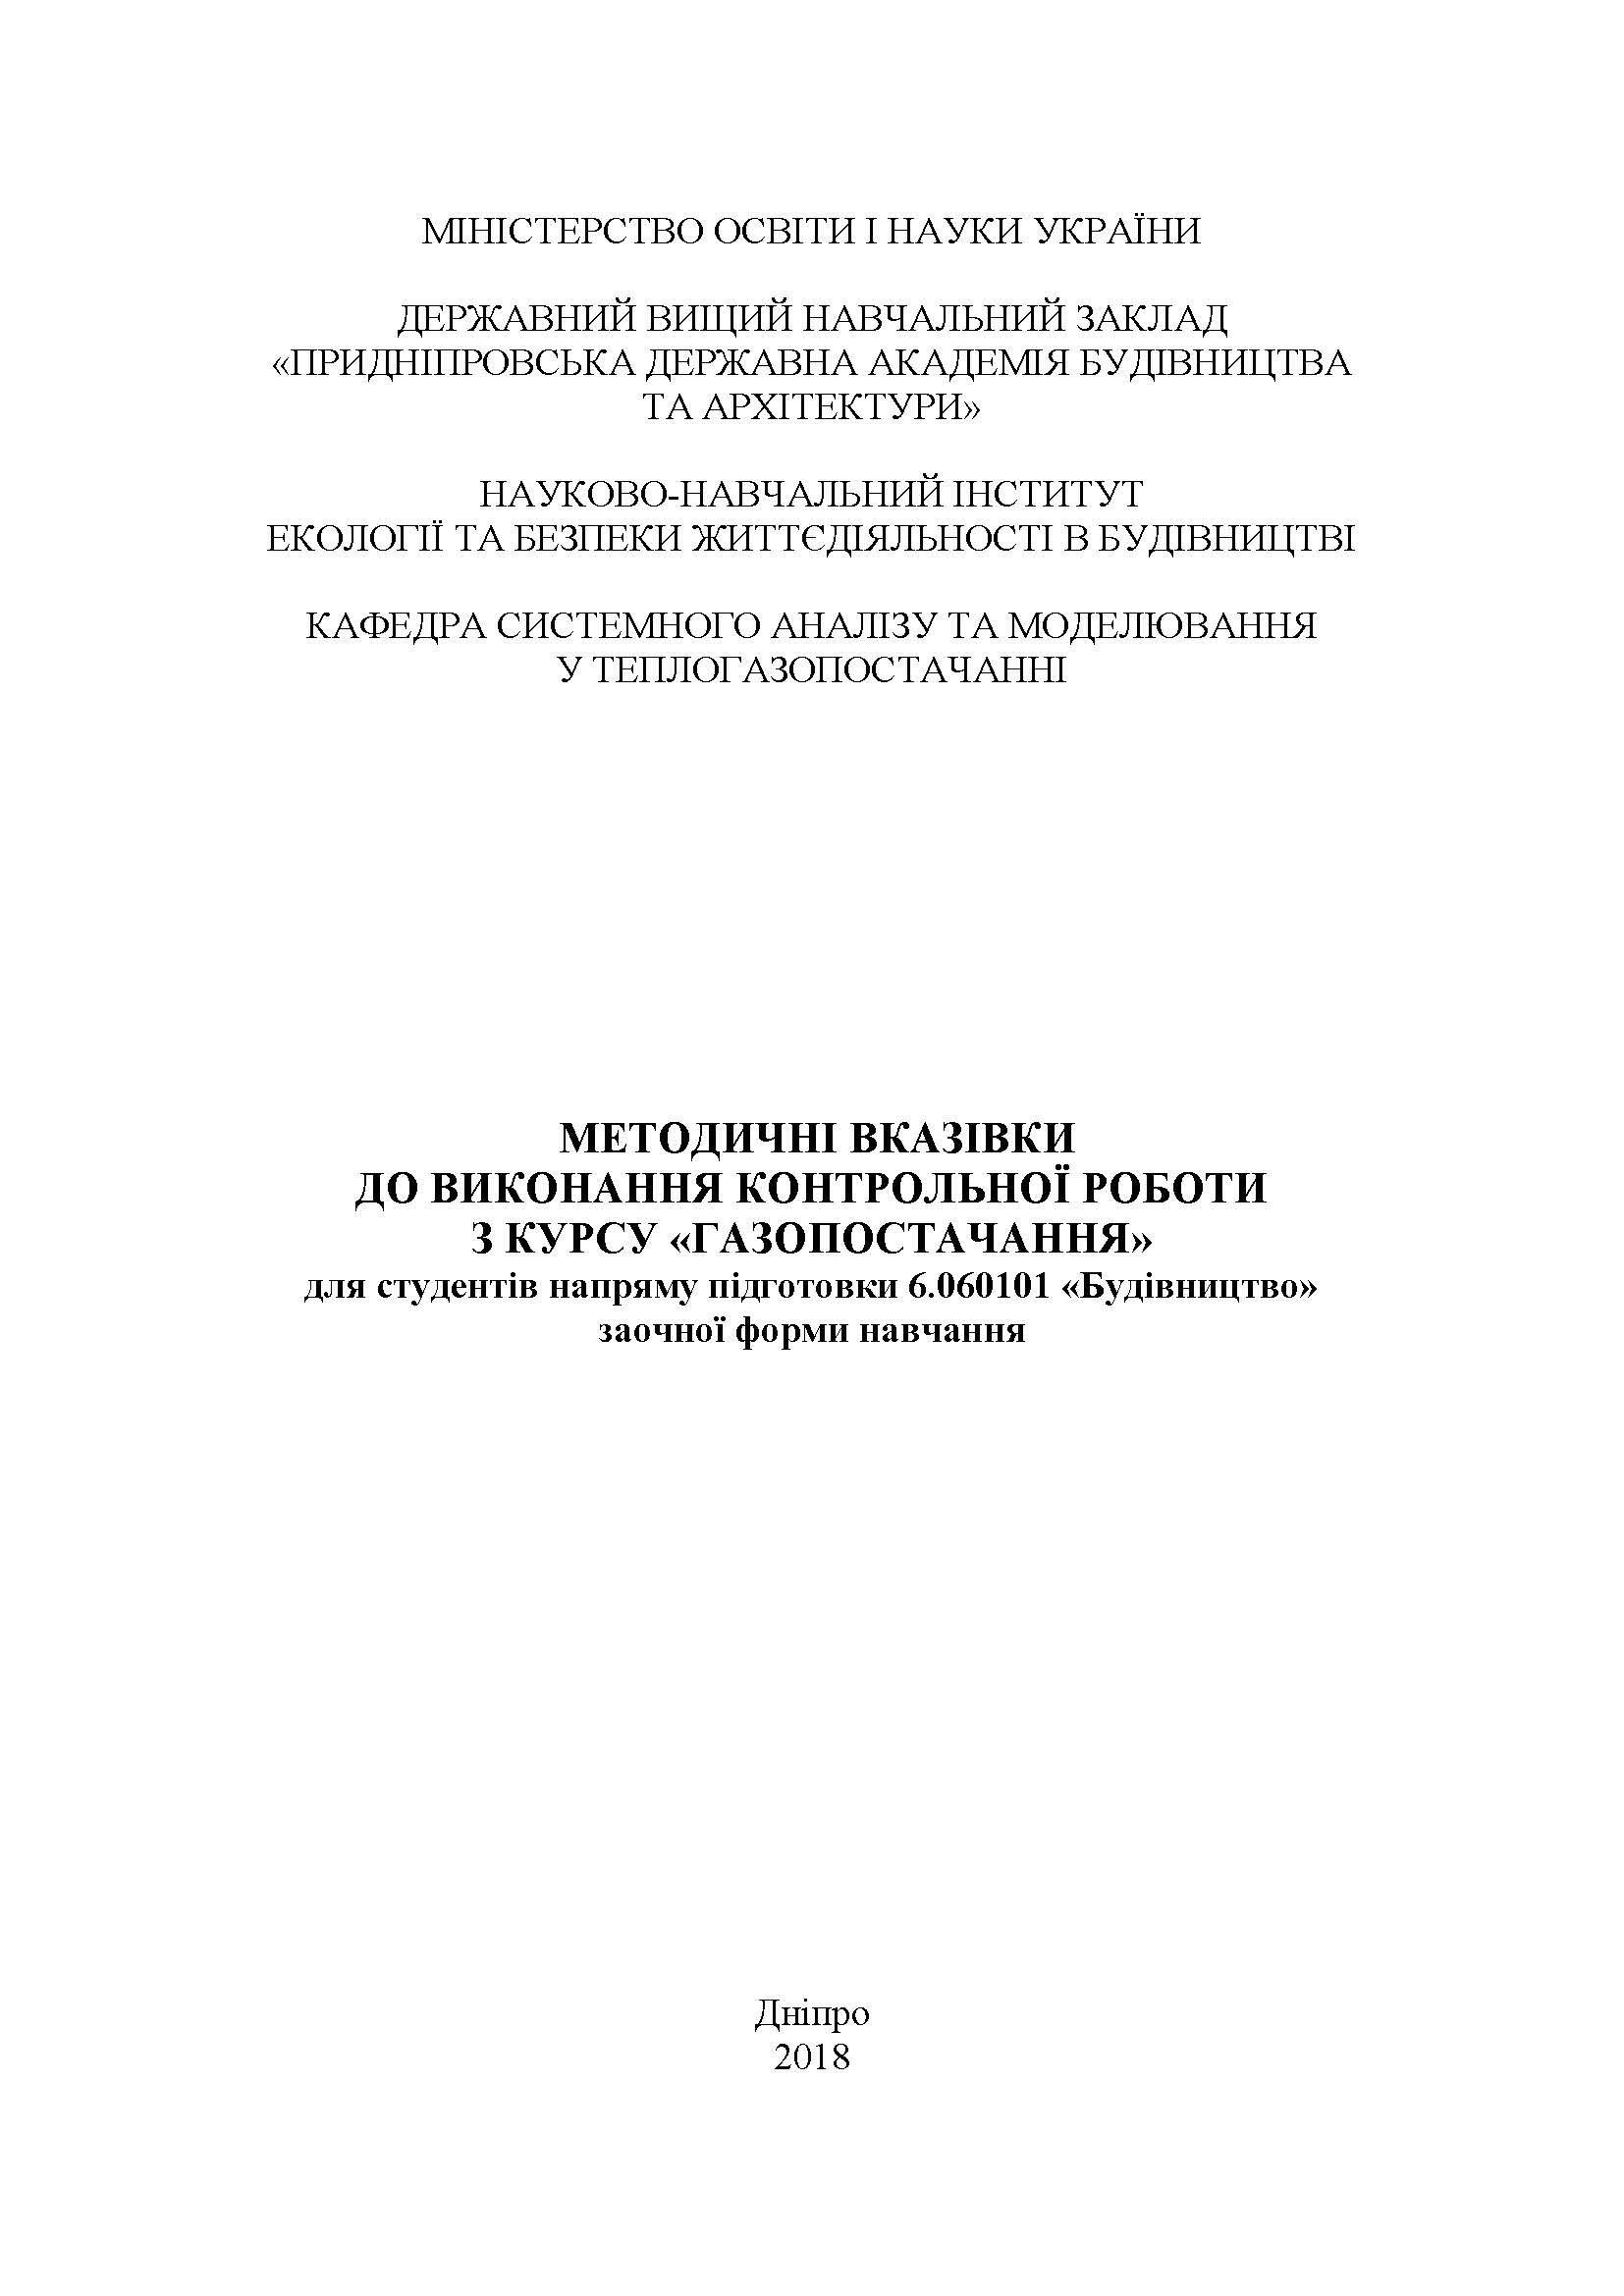 Методичні вказівки до виконання контрольної роботи з курсу «Газопостачання», 2018